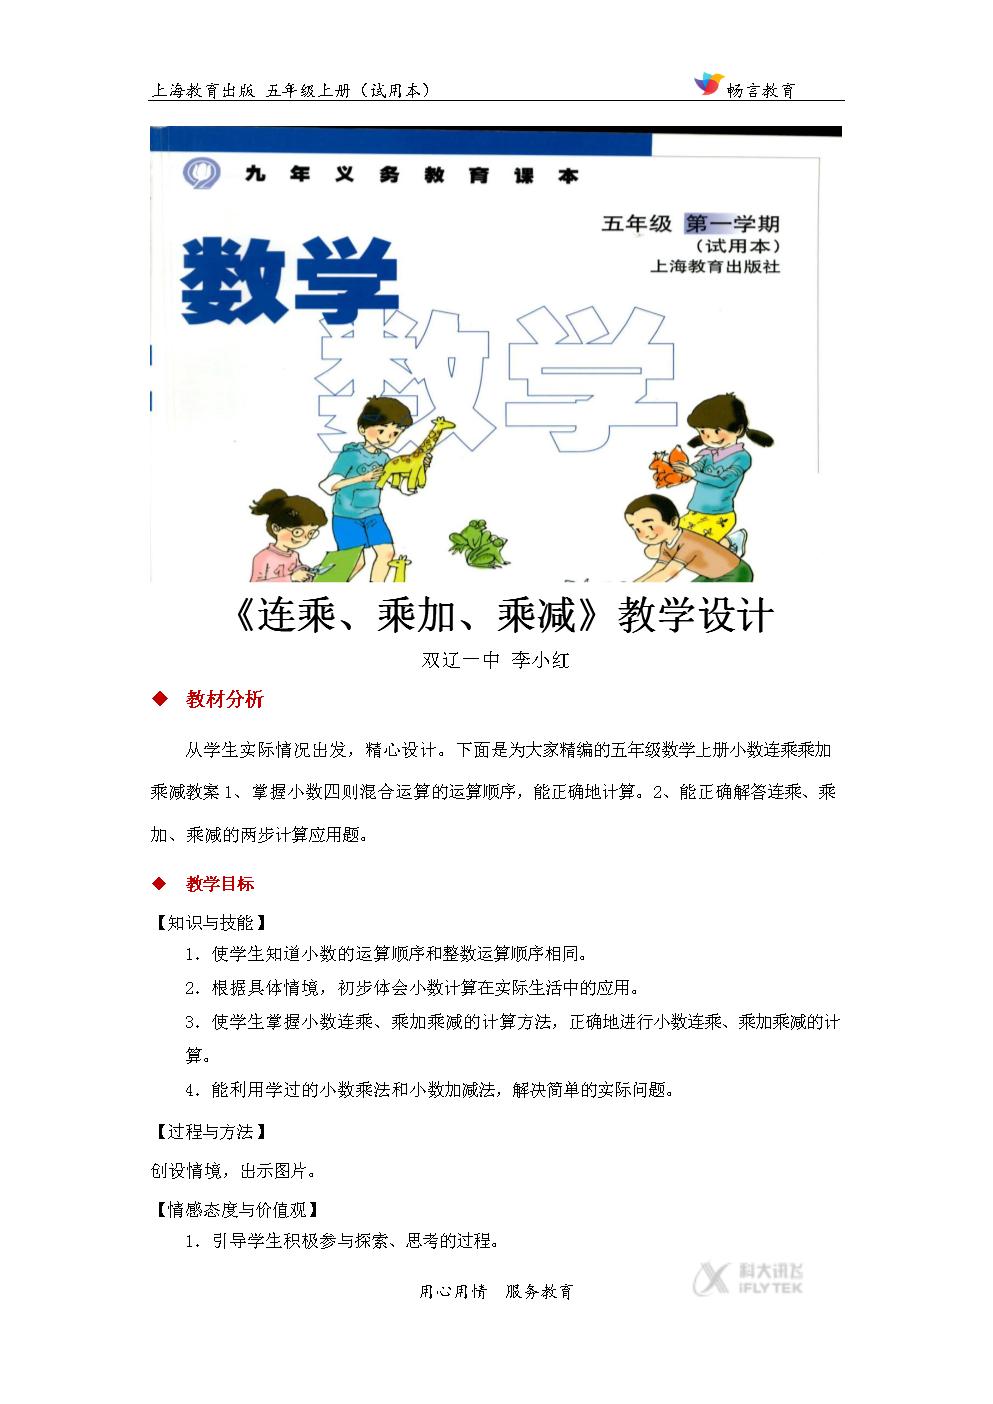 《连乘,乘加,乘减》(数学上教五年级上册).docx图片